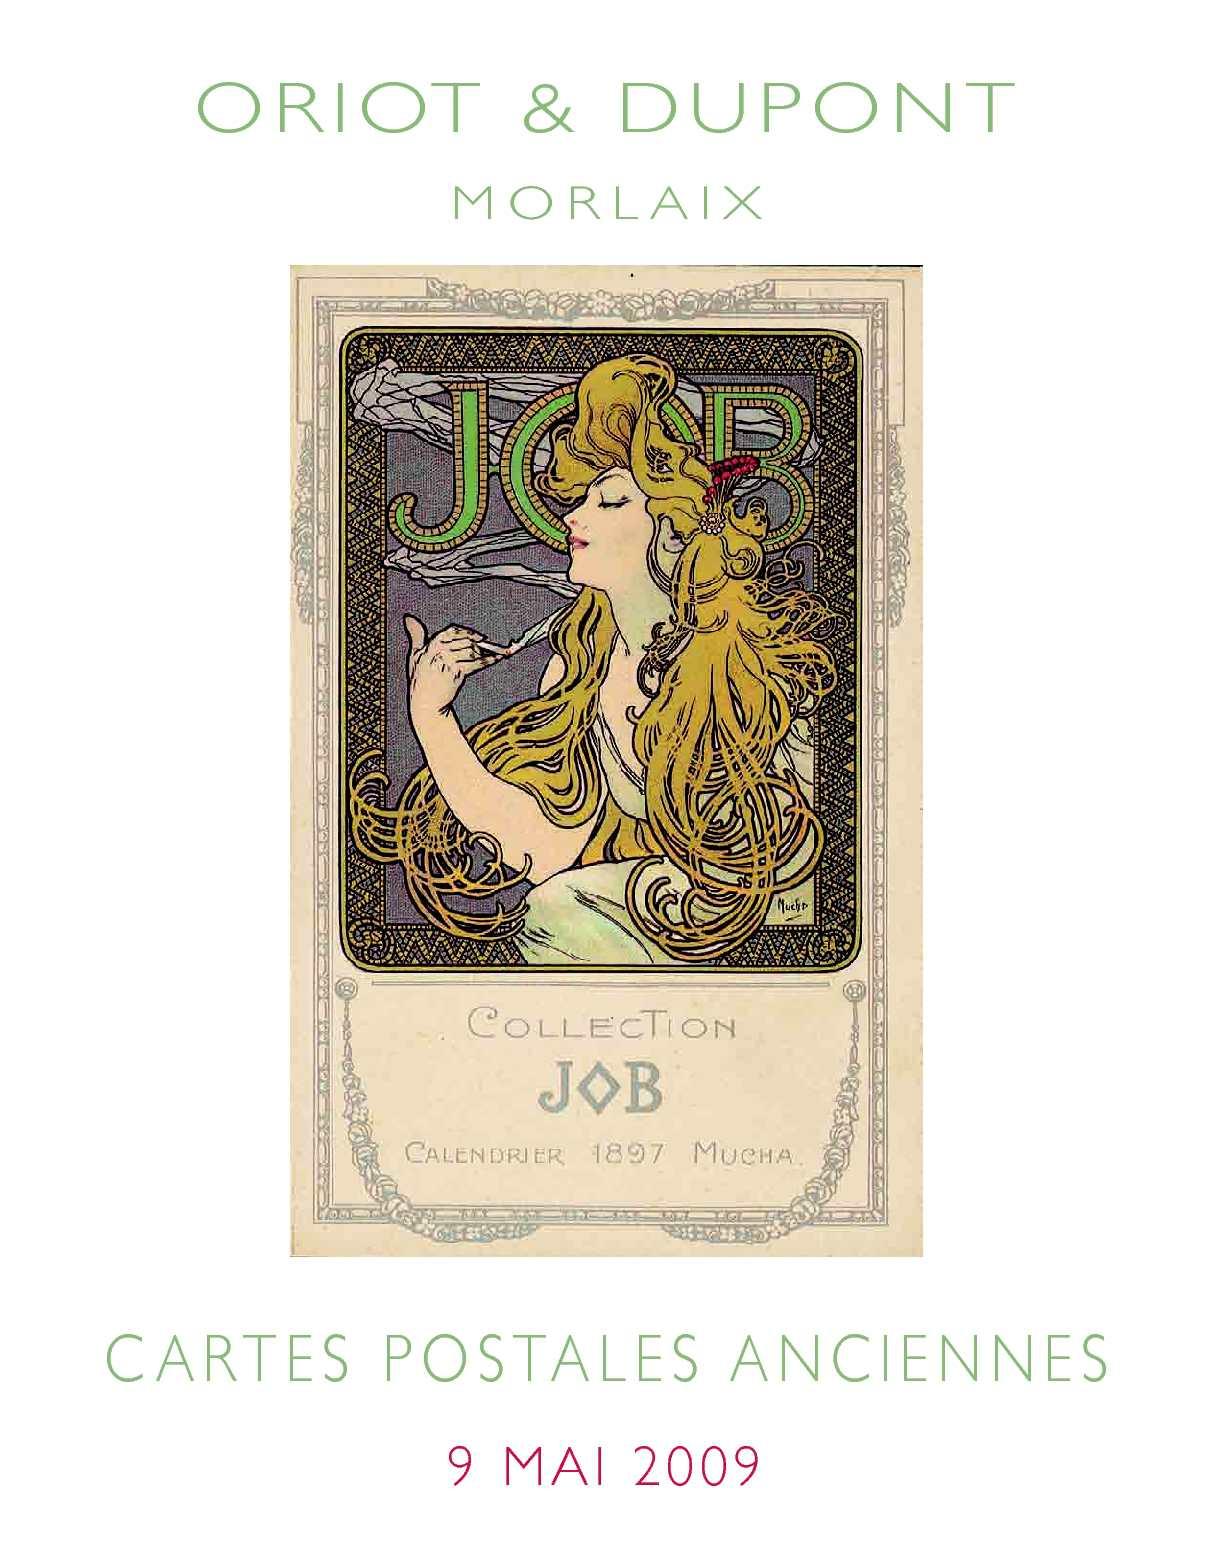 Calaméo - Vente de Cartes Postales Anciennes